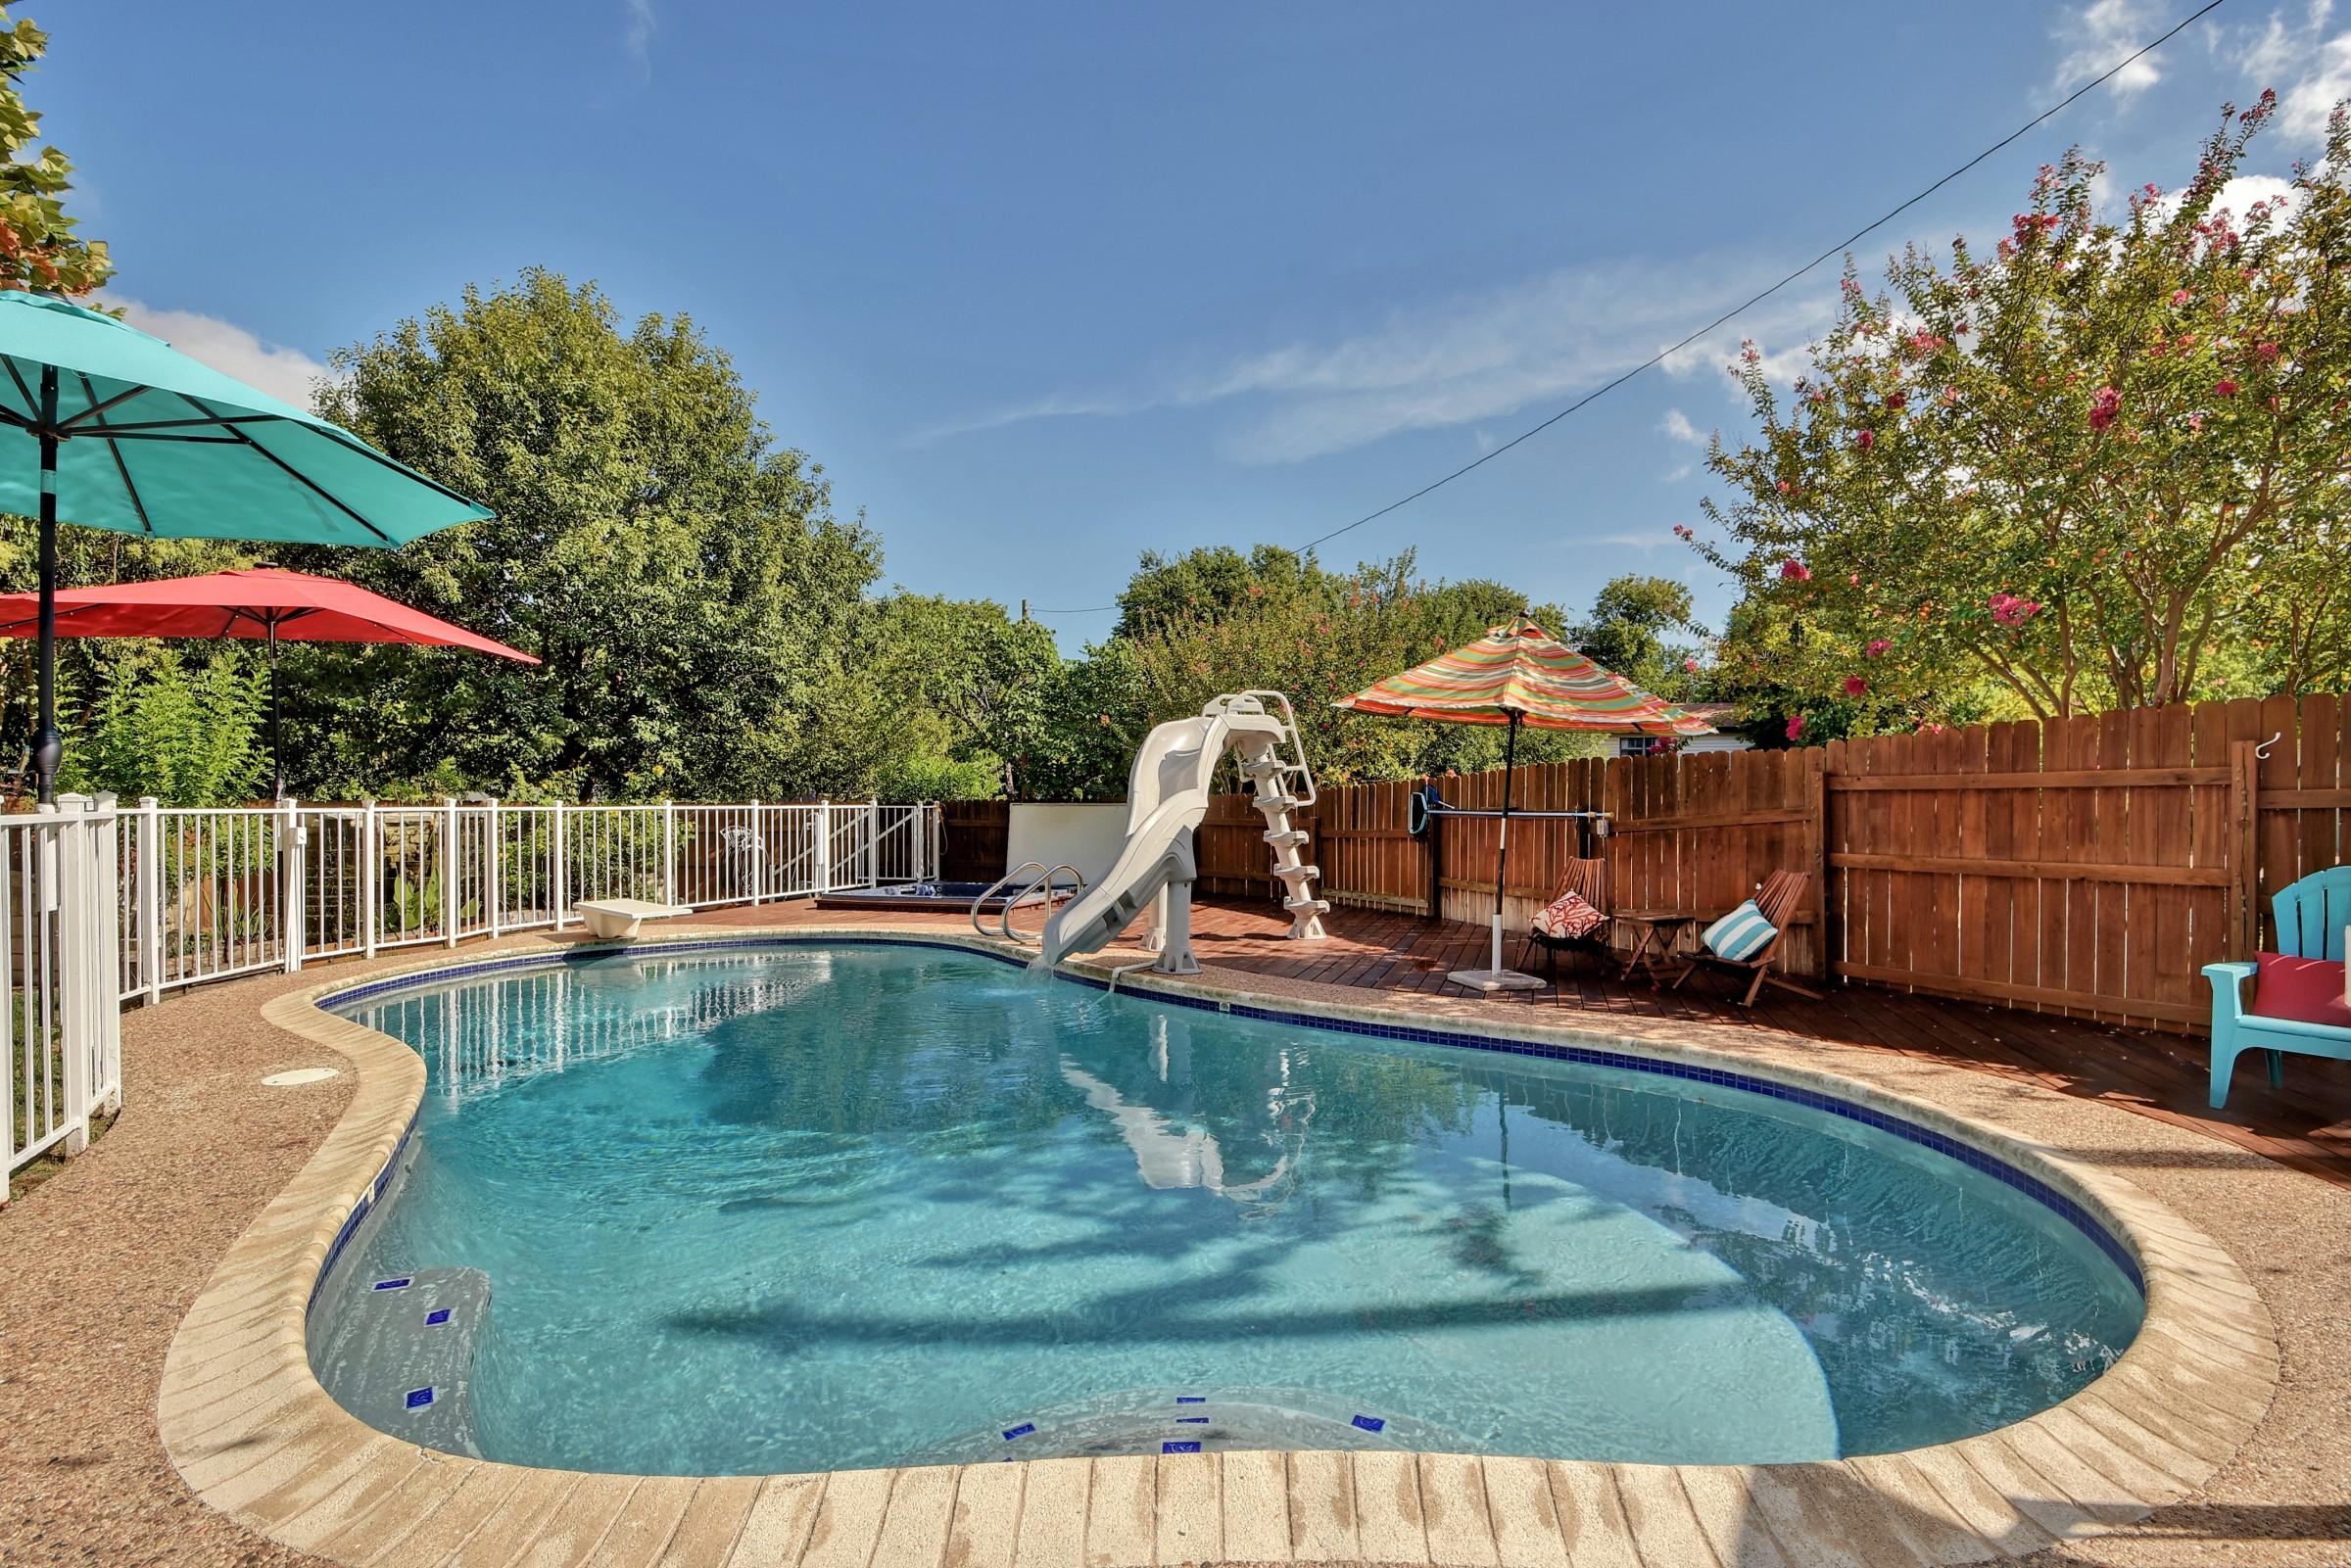 Backyard Oasis with Pool and Hot Tub RA